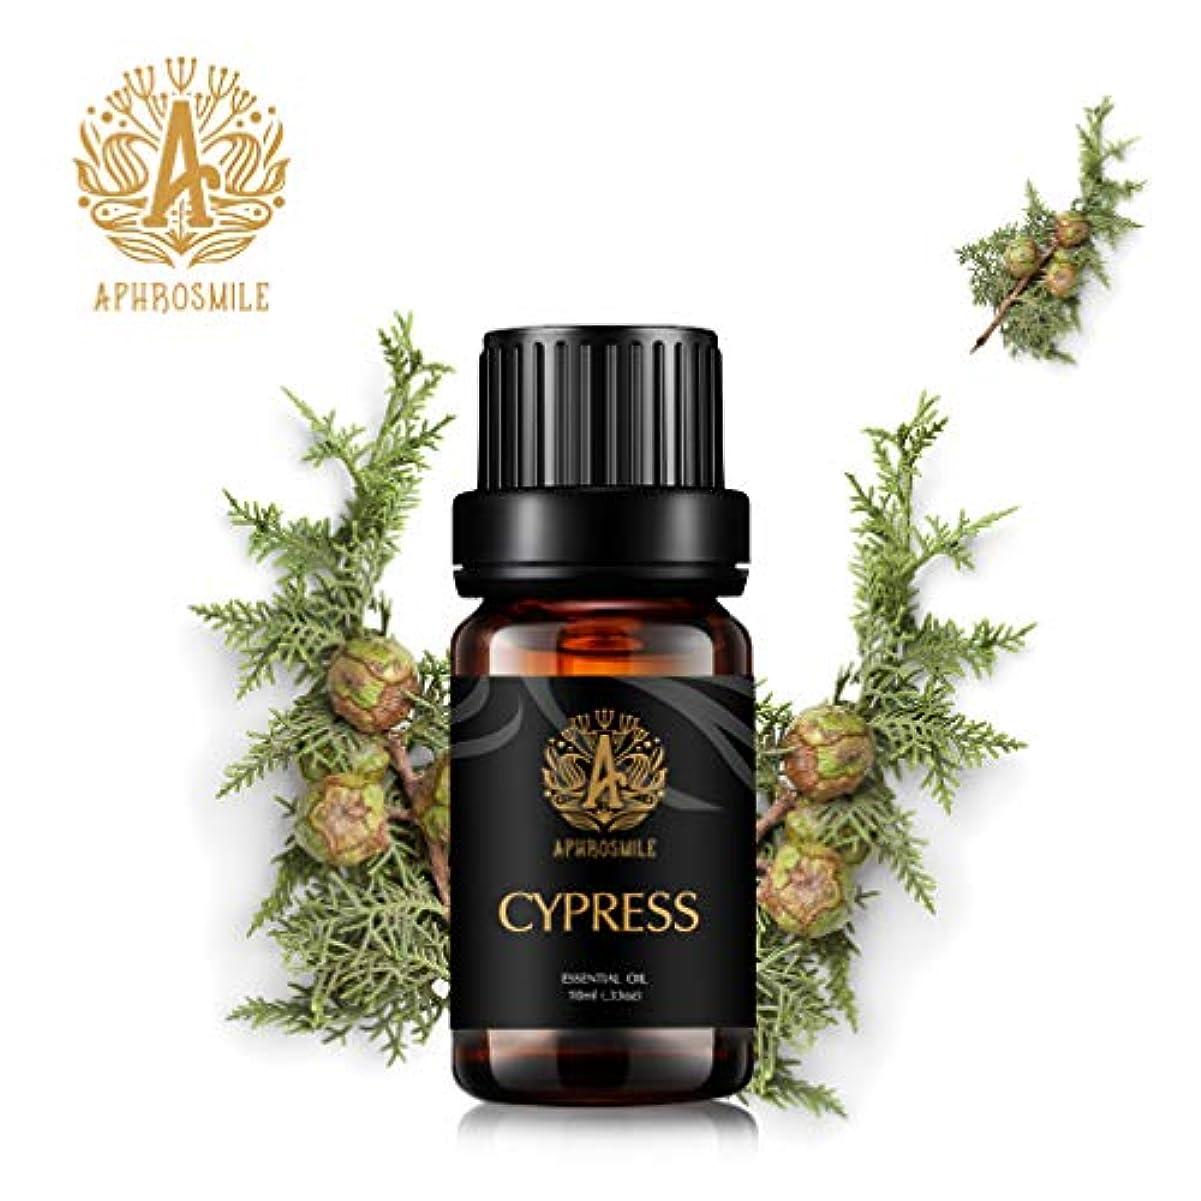 襲撃匿名三角形アロマセラピーサイプレスエッセンシャルオイル、100%ピュアサイプレスエッセンシャルオイルの香り、治療グレードサイプレスエッセンシャルオイルの香り、ディフューザー加湿器マッサージ用0.33oz-10ml